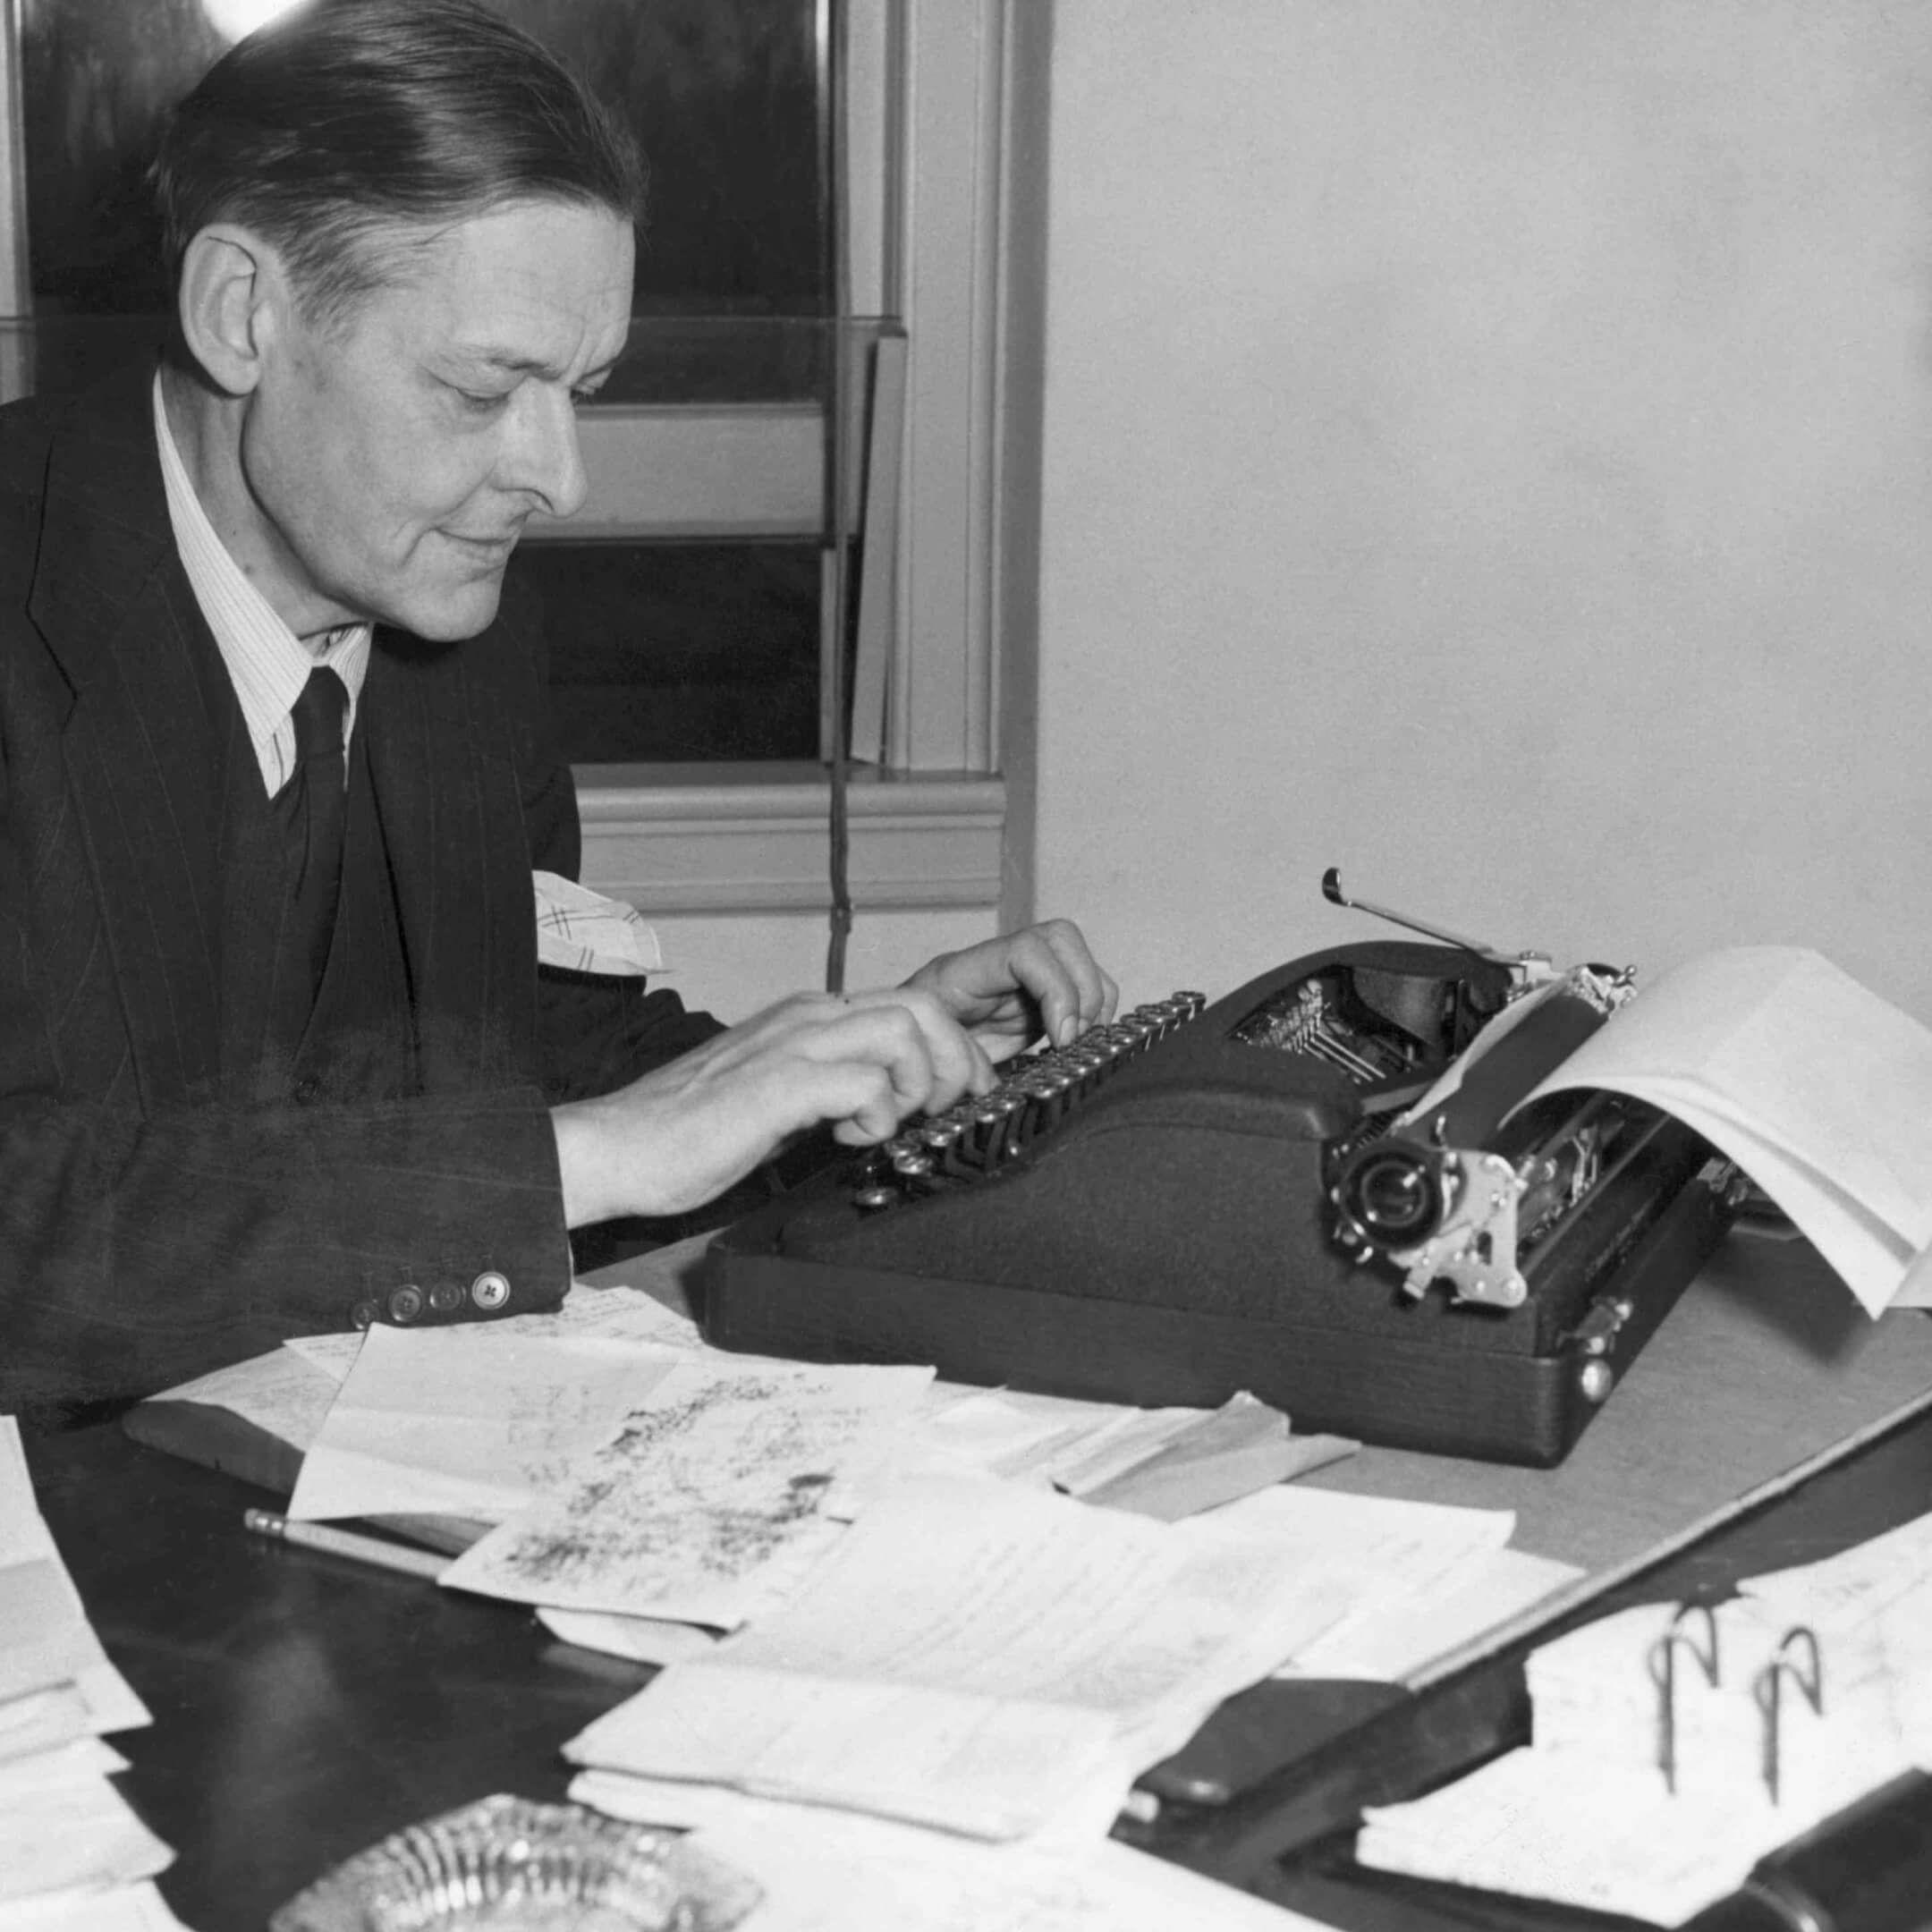 Томаса Стернза Элиота часто обвиняли вплагиате, начто онговорил: «Плохие поэты портят то, что они берут, ахорошие поэты превращают это во что-то лучшее или, покрайней мере, вочто-то другое». / Bettmann Archive thoughtco.com